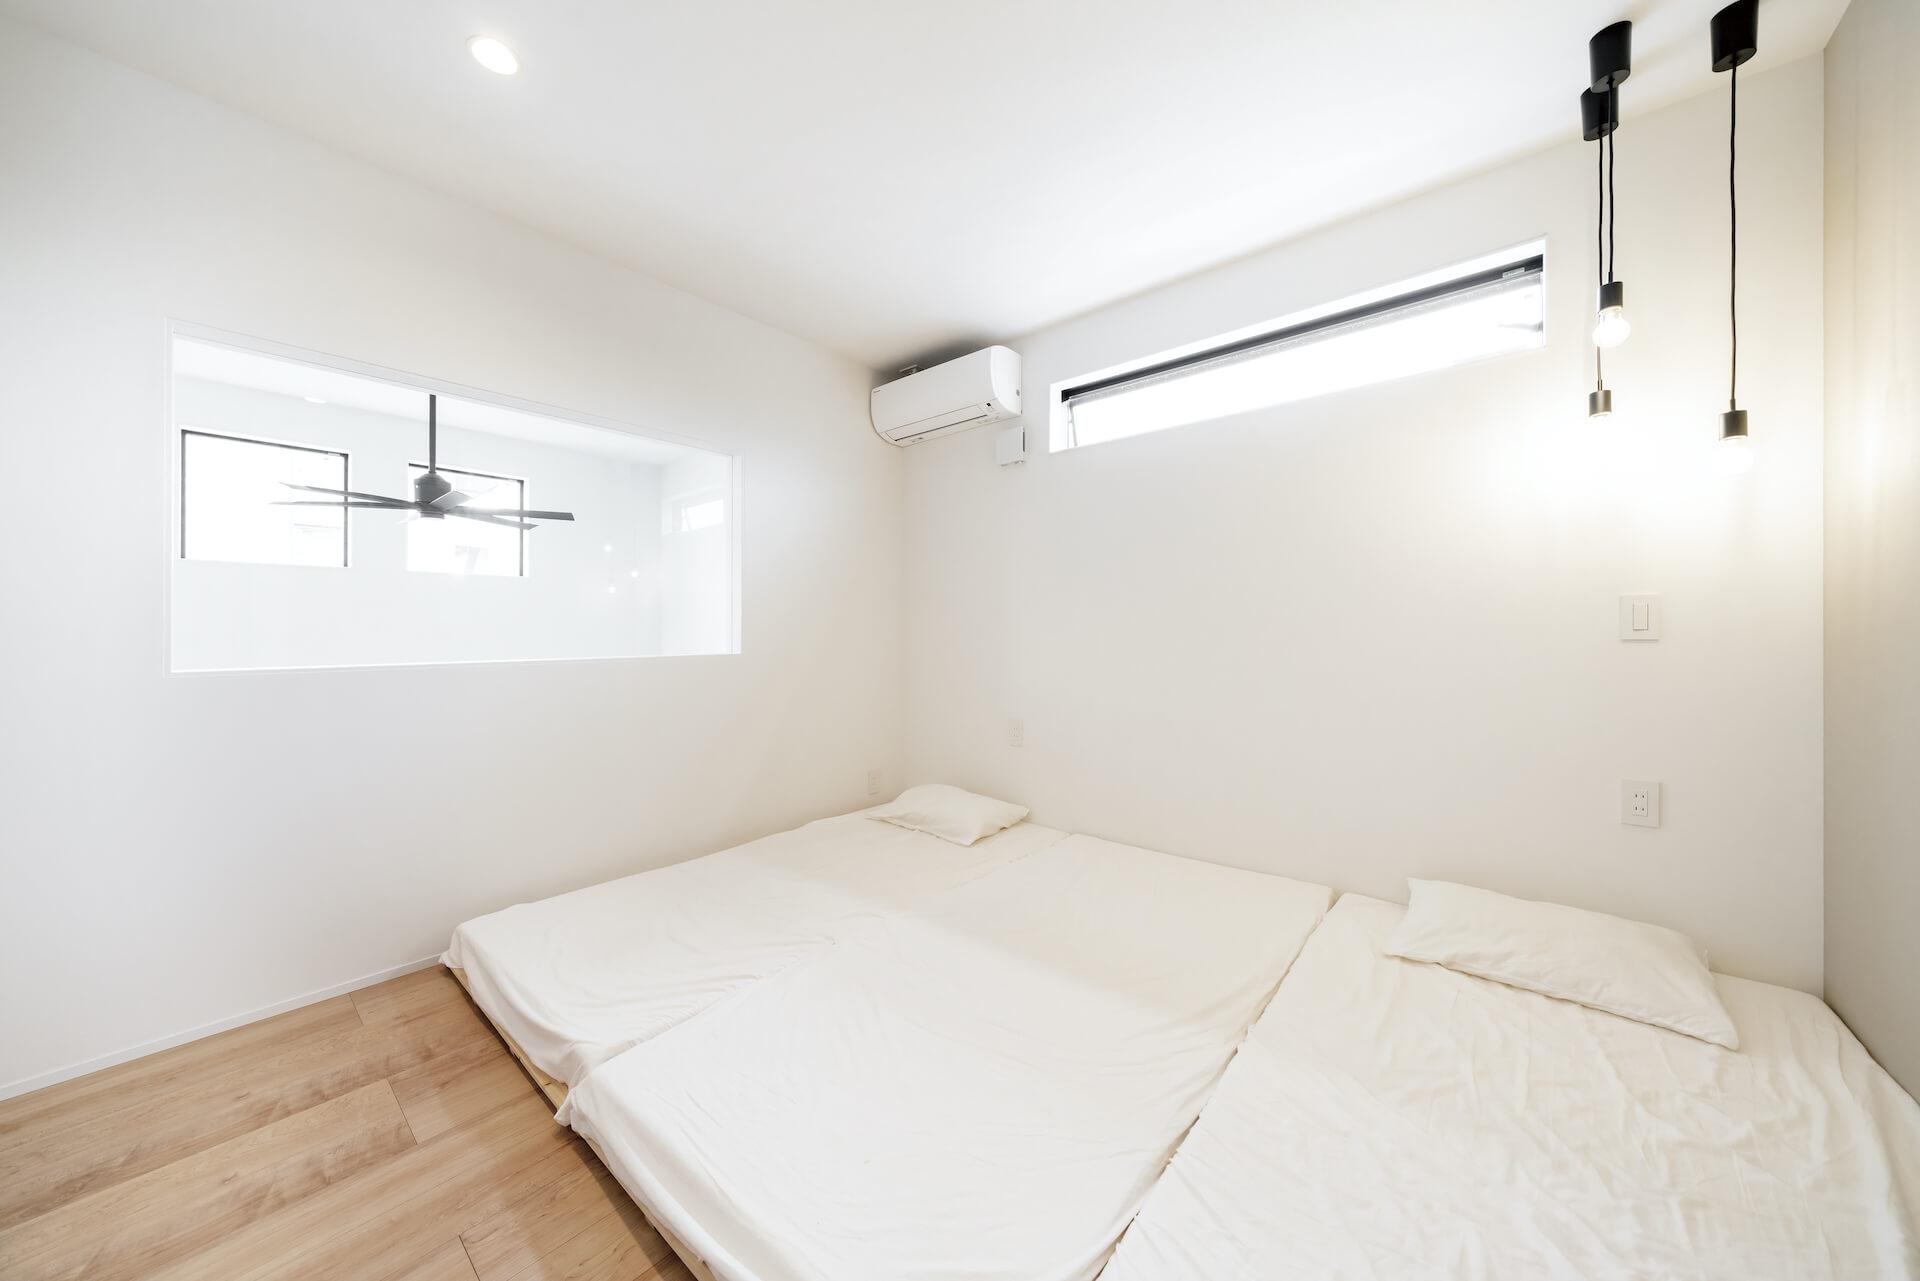 上野工務店,新築,2階,居室,吹き抜け,茨木市,自社施工